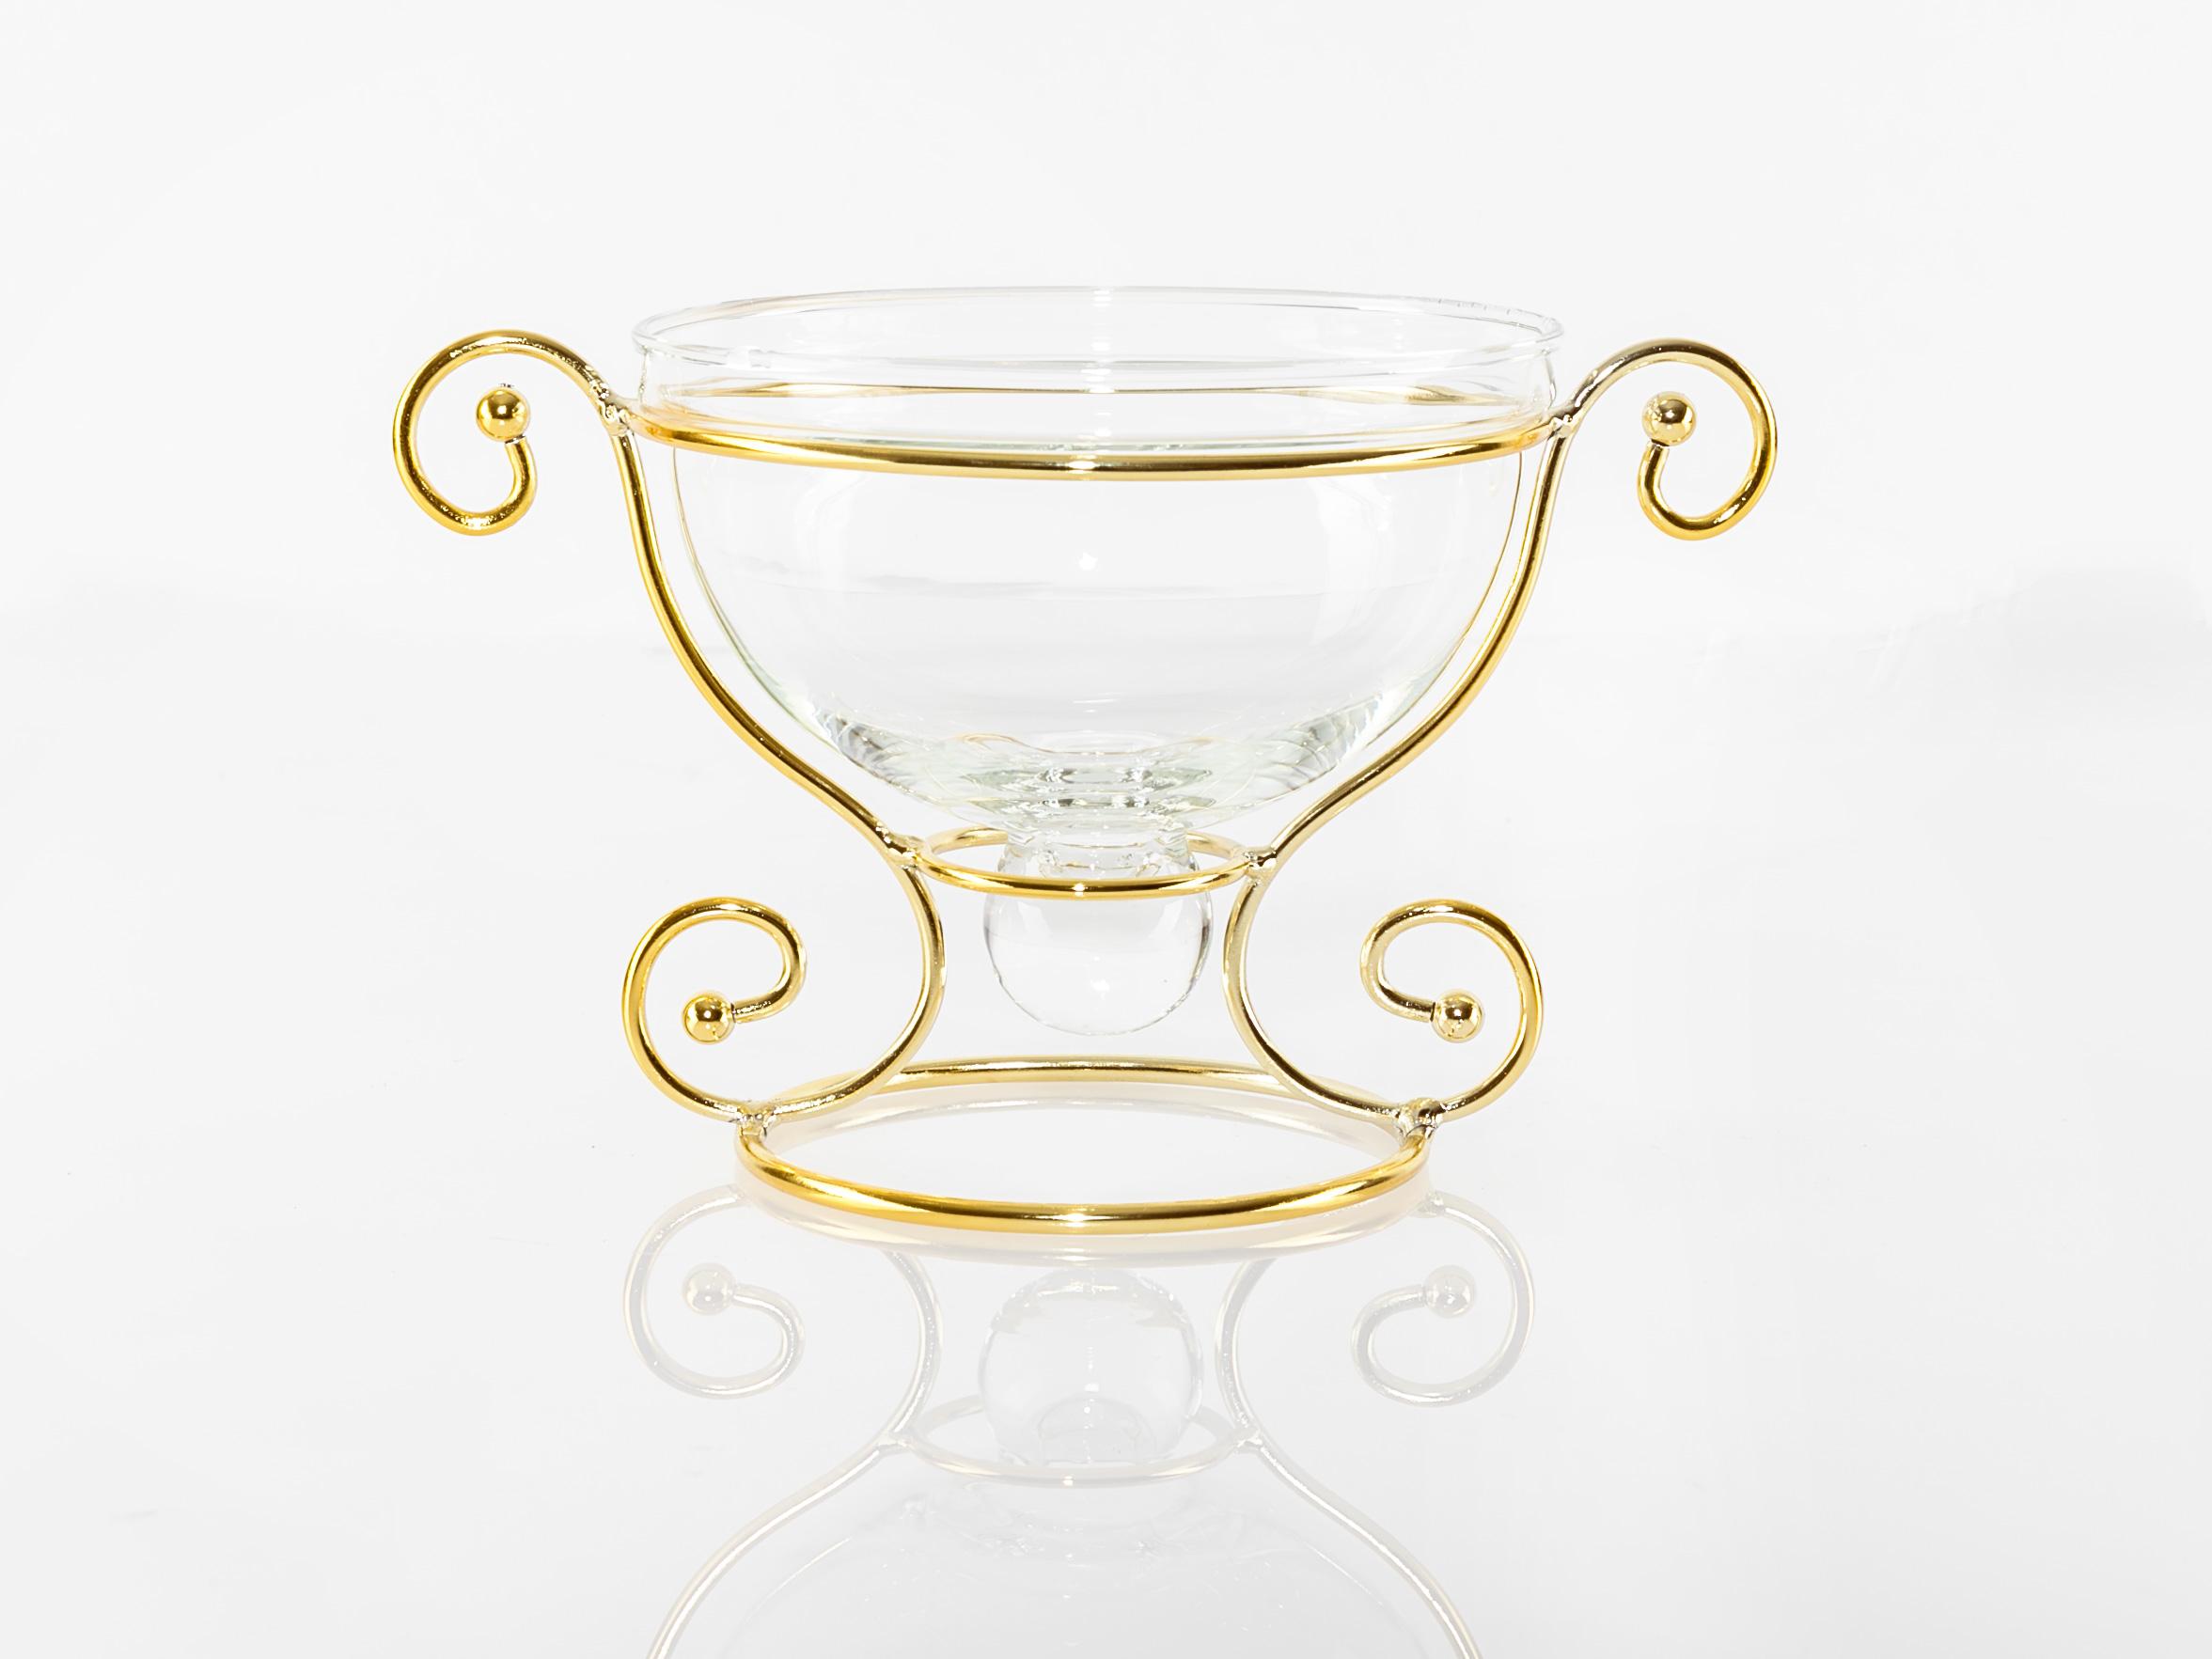 Luxury Dekoratıf Tabak 19,5x13,2x11,8 Cm Gold